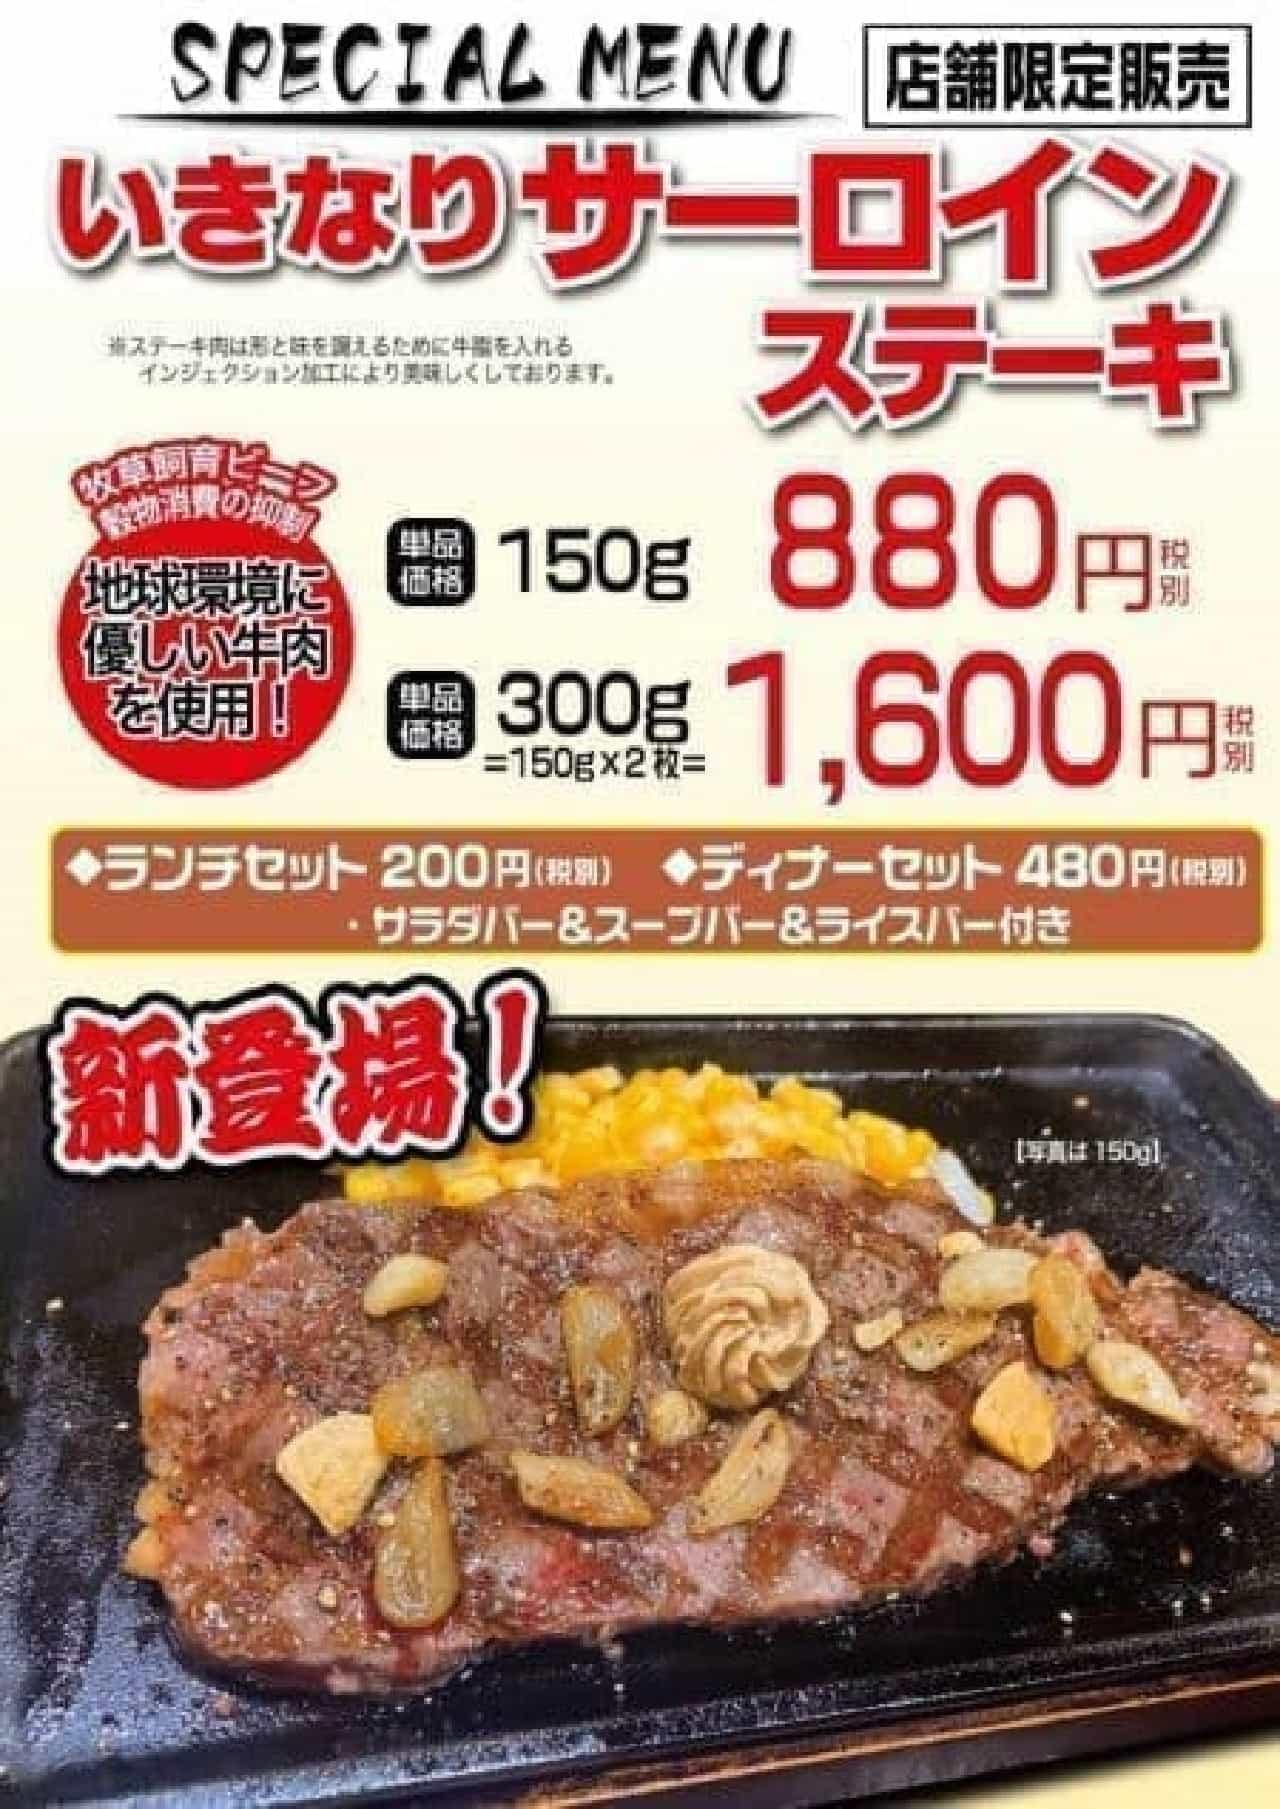 いきなり!ステーキの店舗限定「いきなりサーロインステーキ」